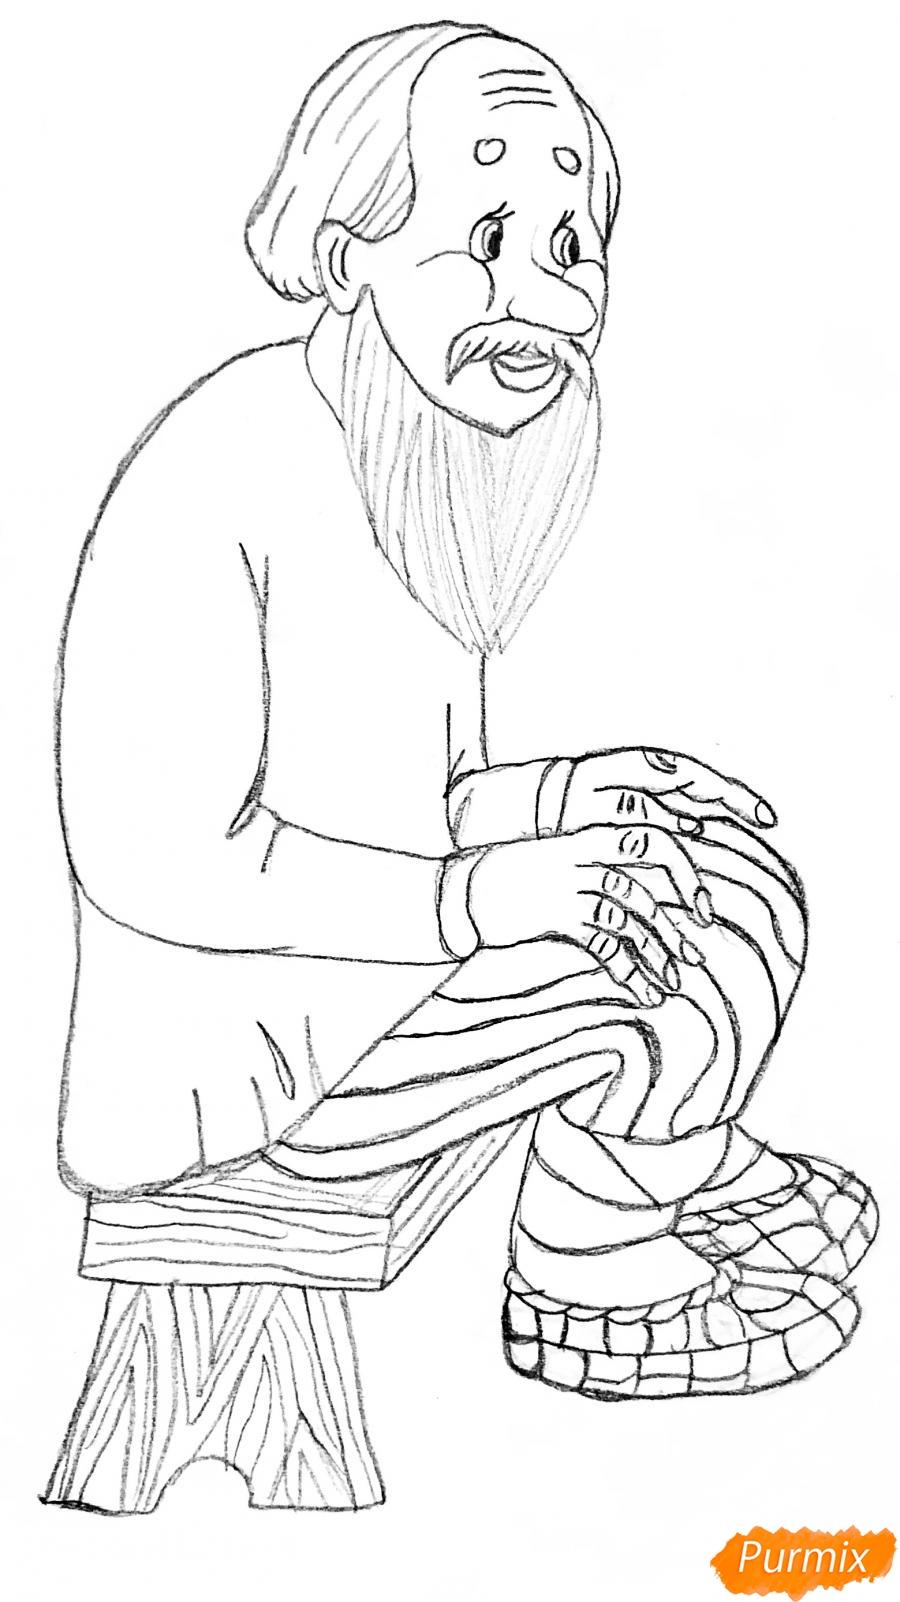 Рисуем деда бабку и колобка из сказки цветными карандашами - шаг 4